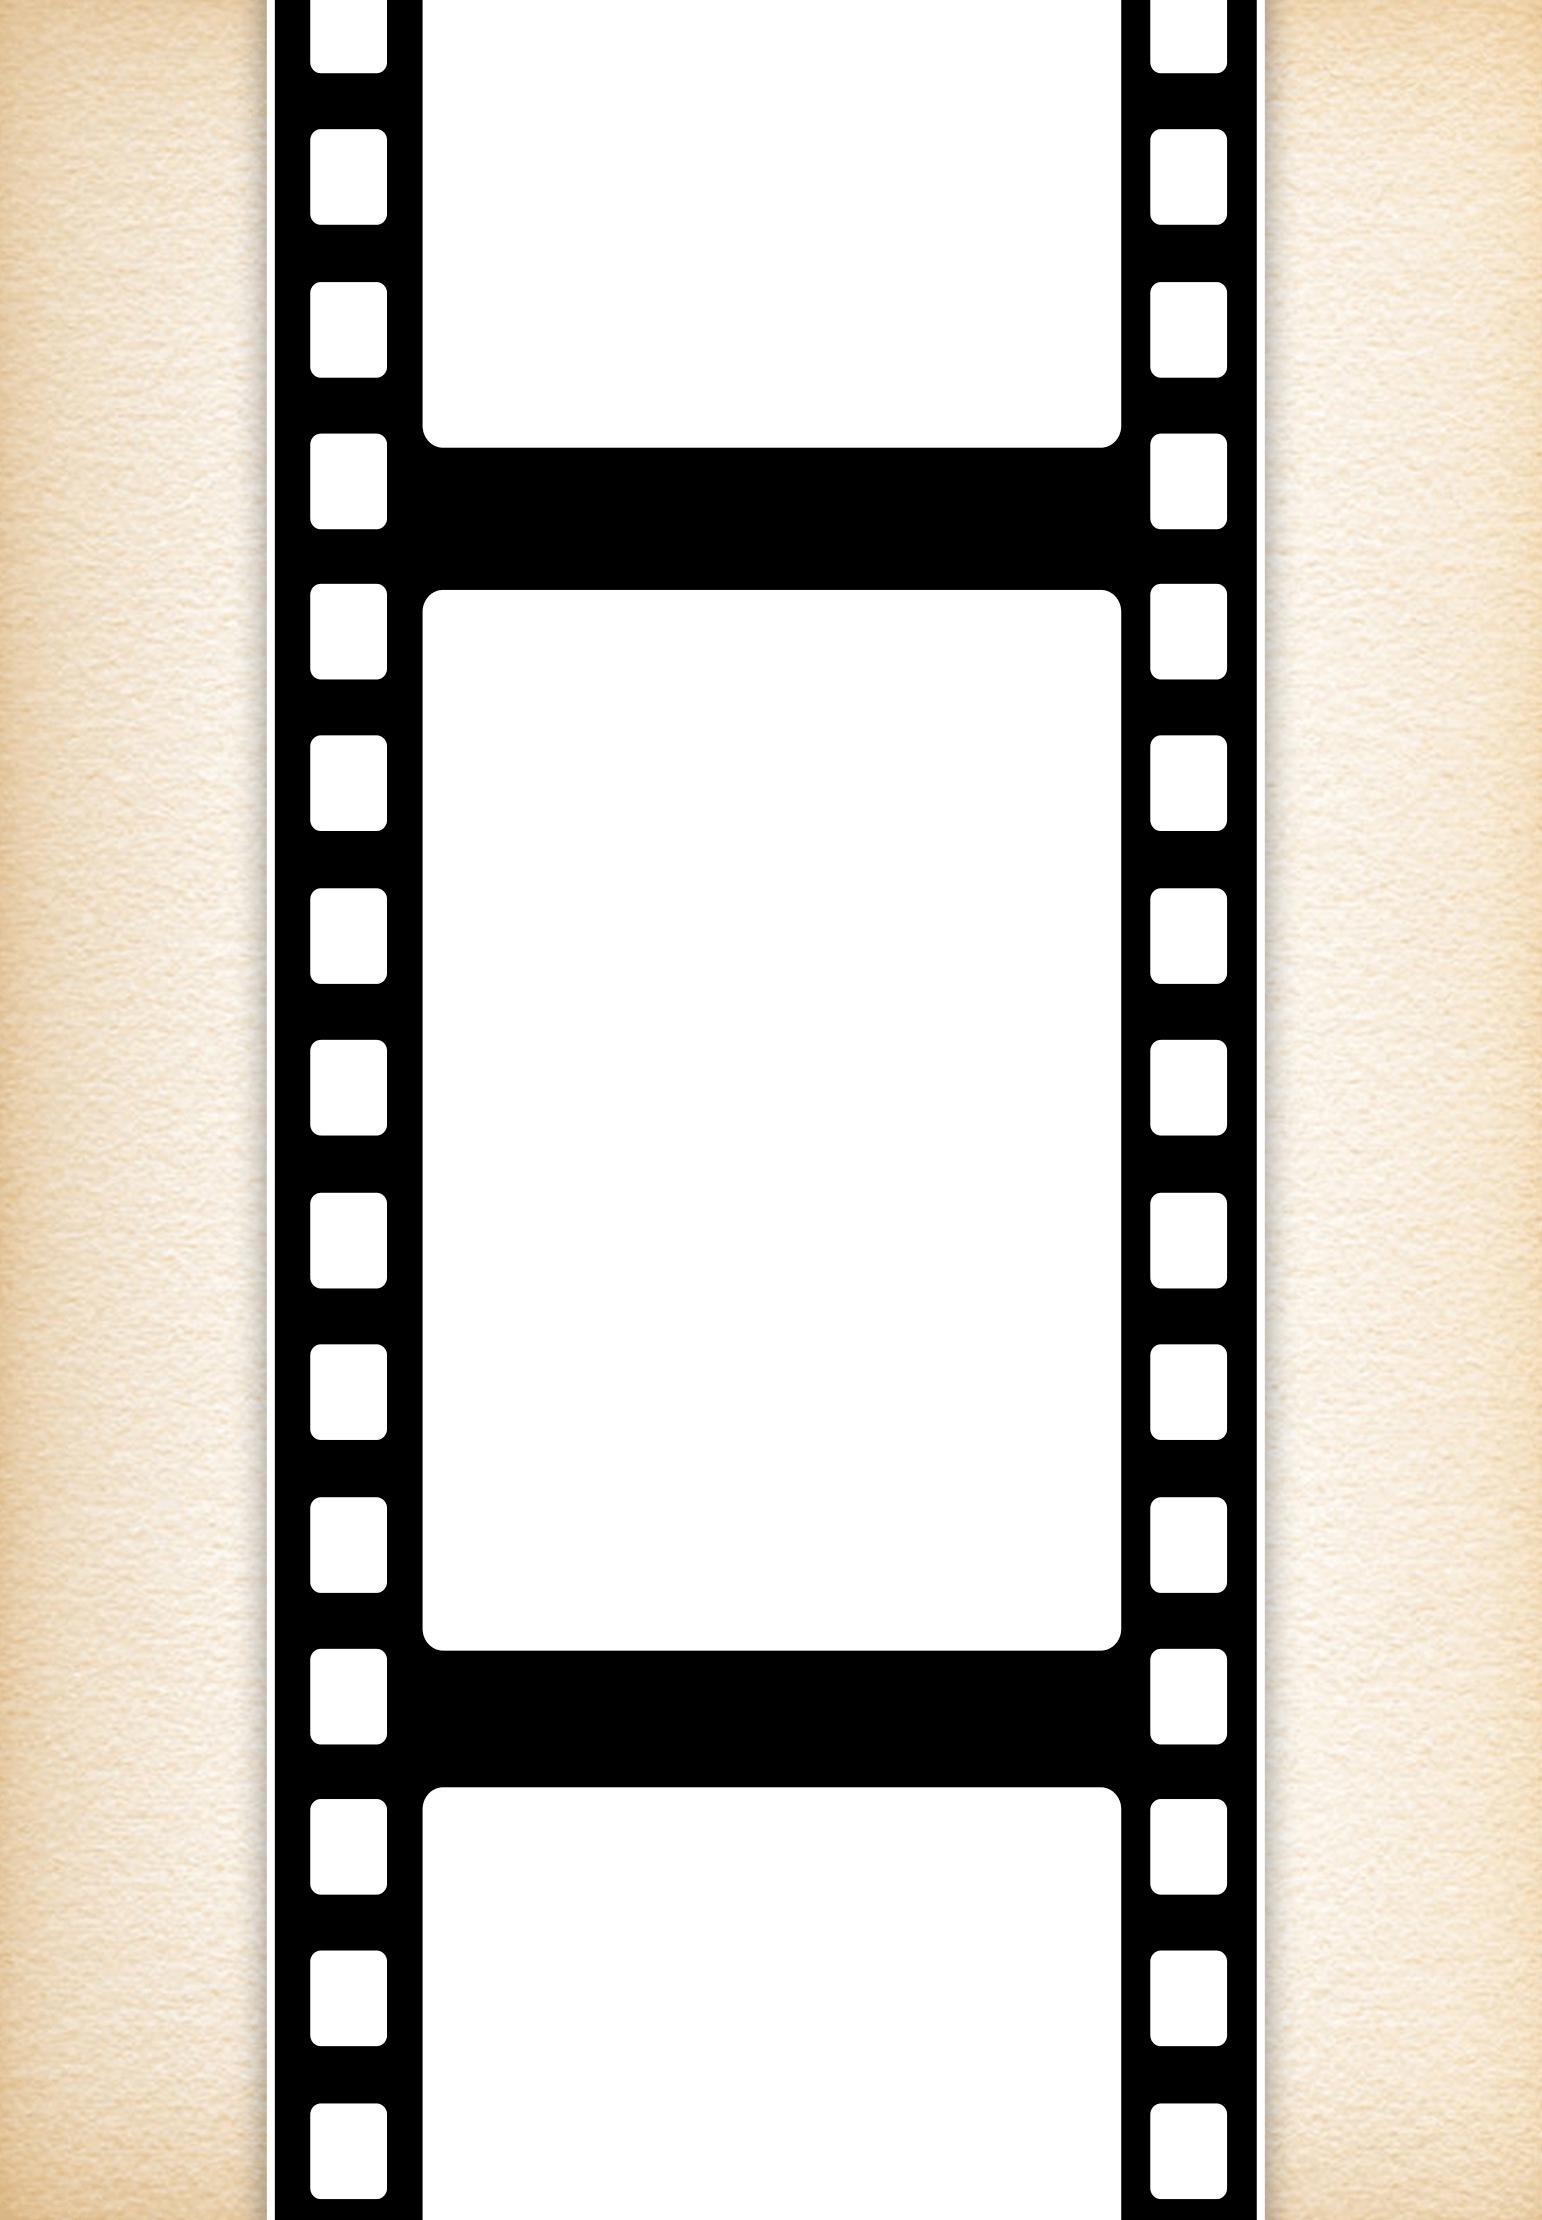 Movie Night - Free Printable Birthday Invitation Template - Movie Night Birthday Invitations Free Printable